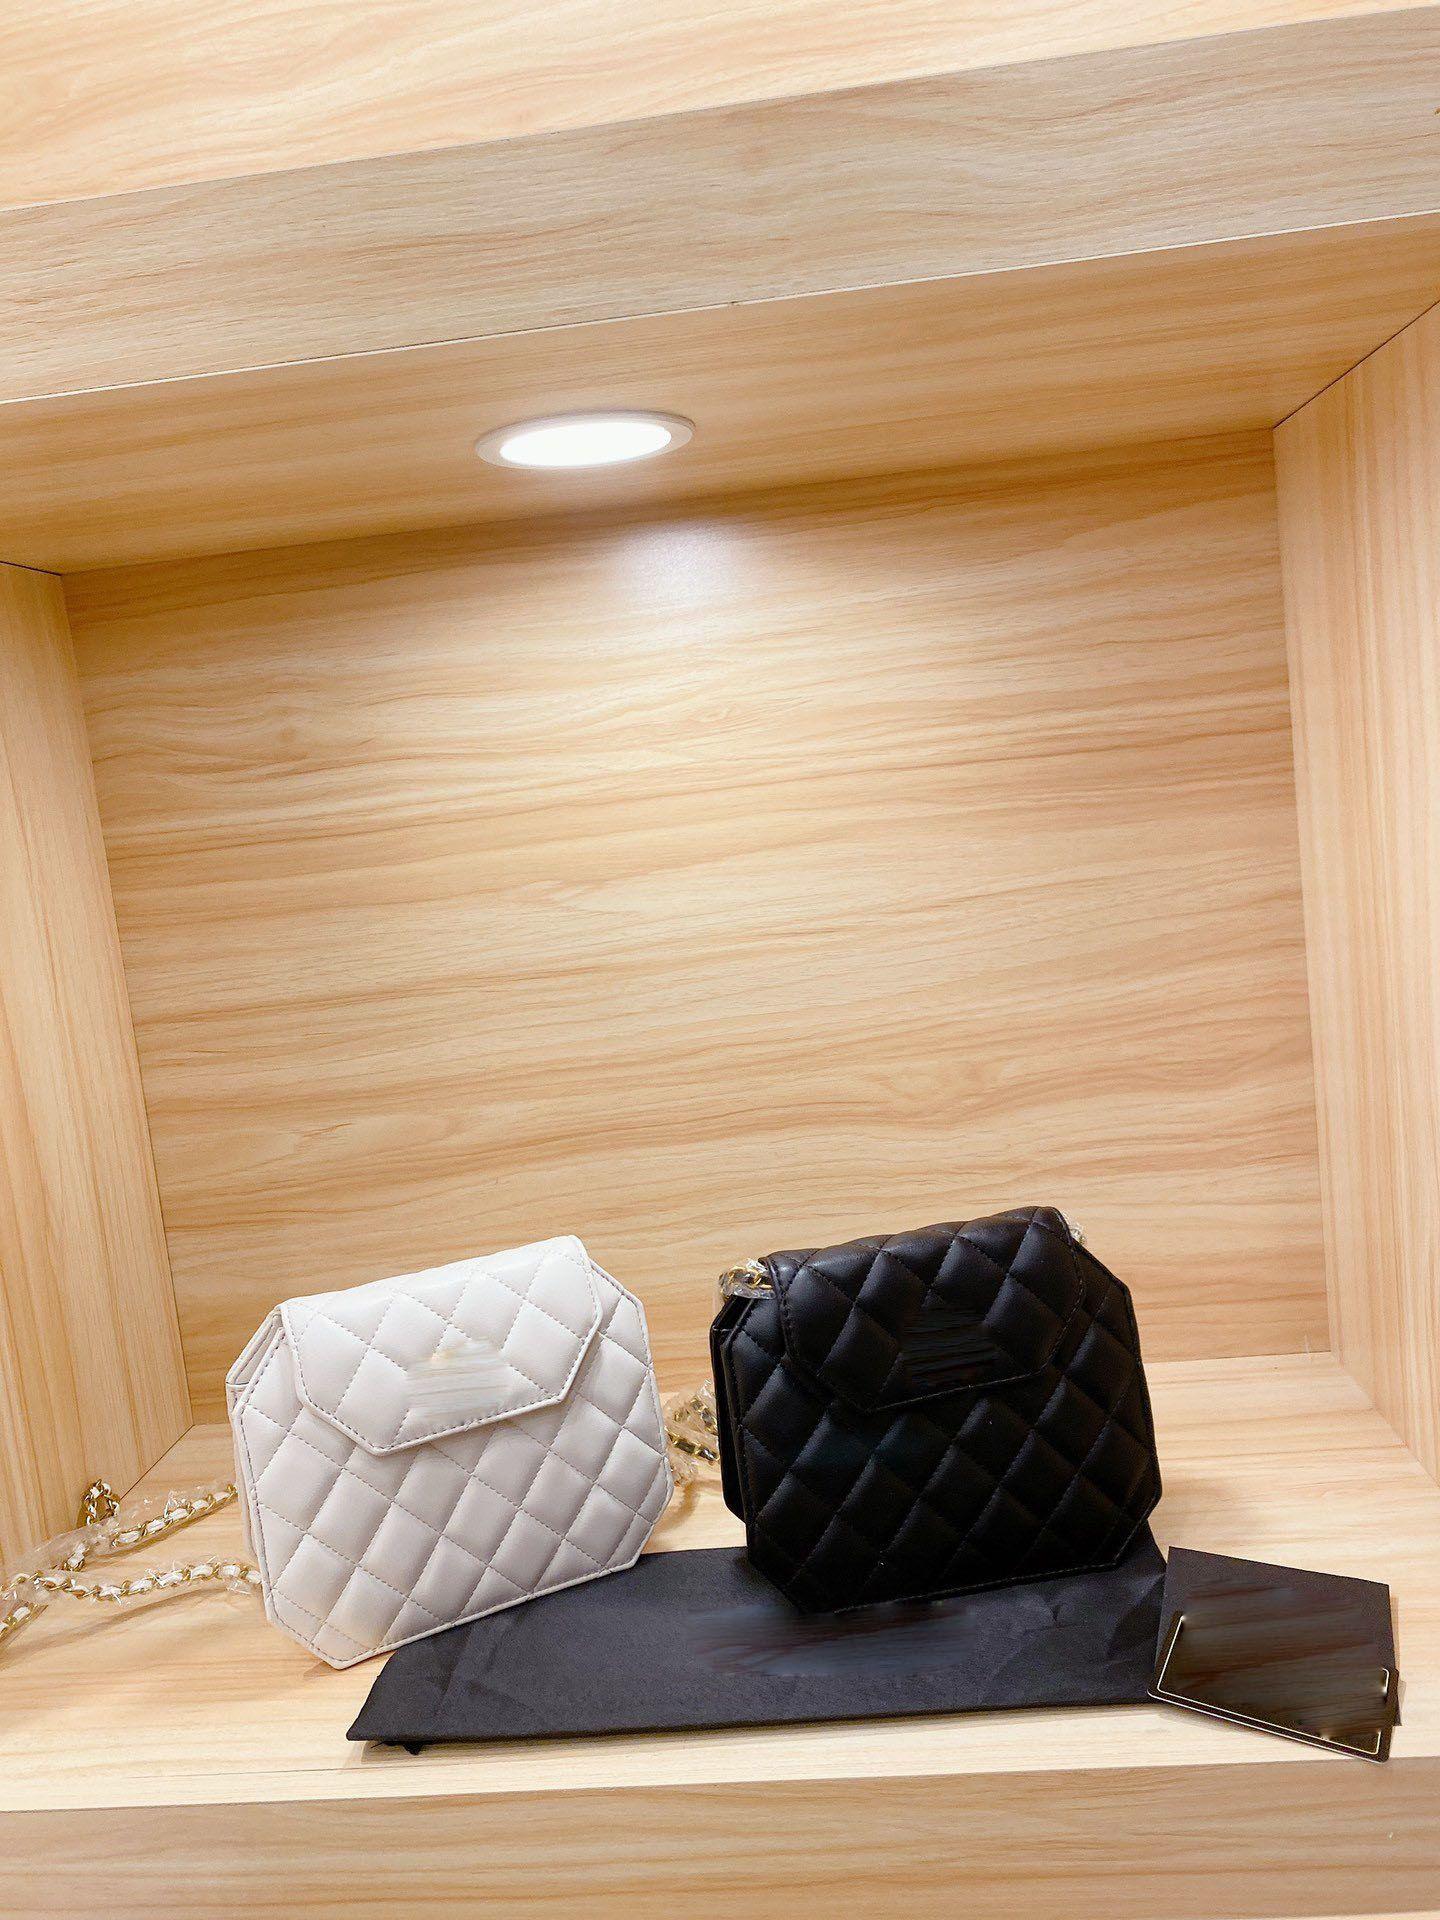 Сеть Кроссбодите сумку 2020 женской роскошь дизайнера портмон рюкзак кошелек дизайнер Кроссбоди сумку сумка конструктора сумку